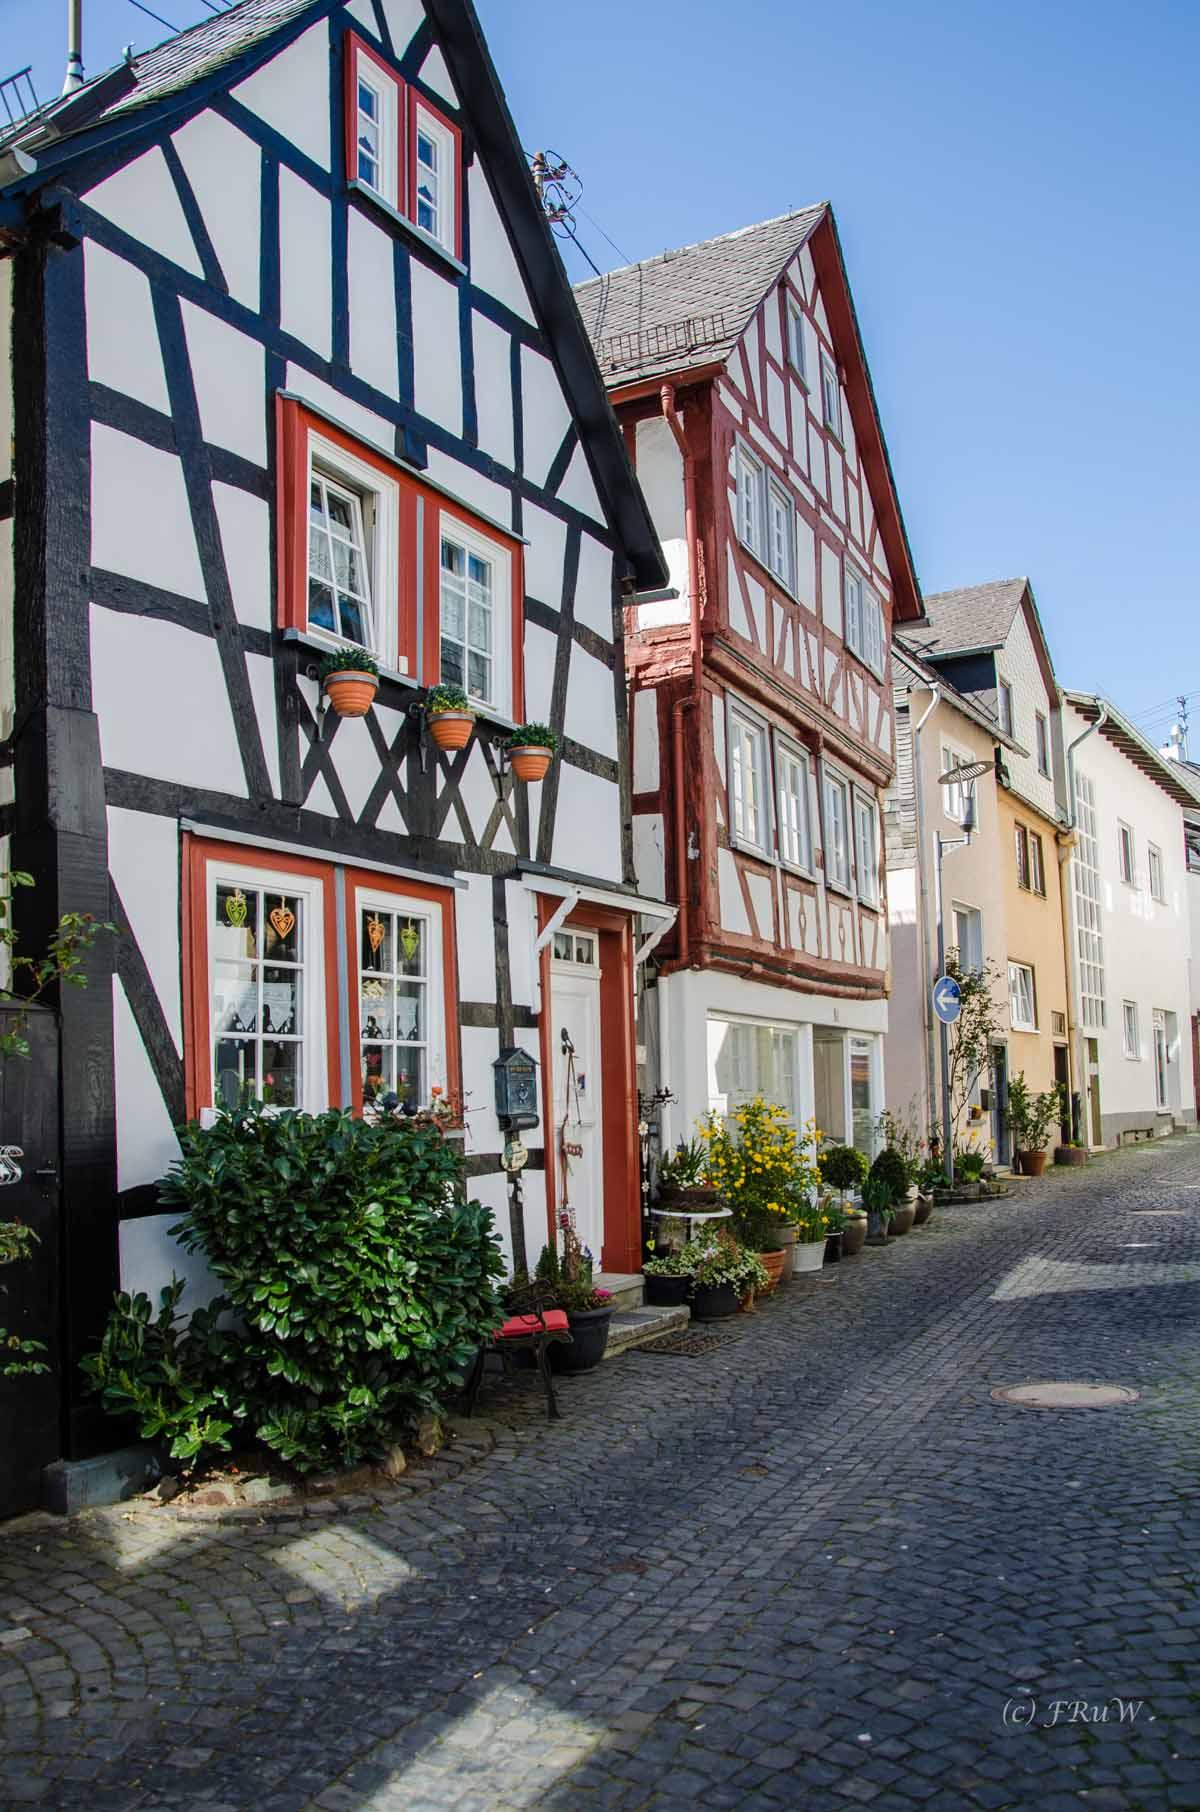 Hachenburg_Tal der Nister 343